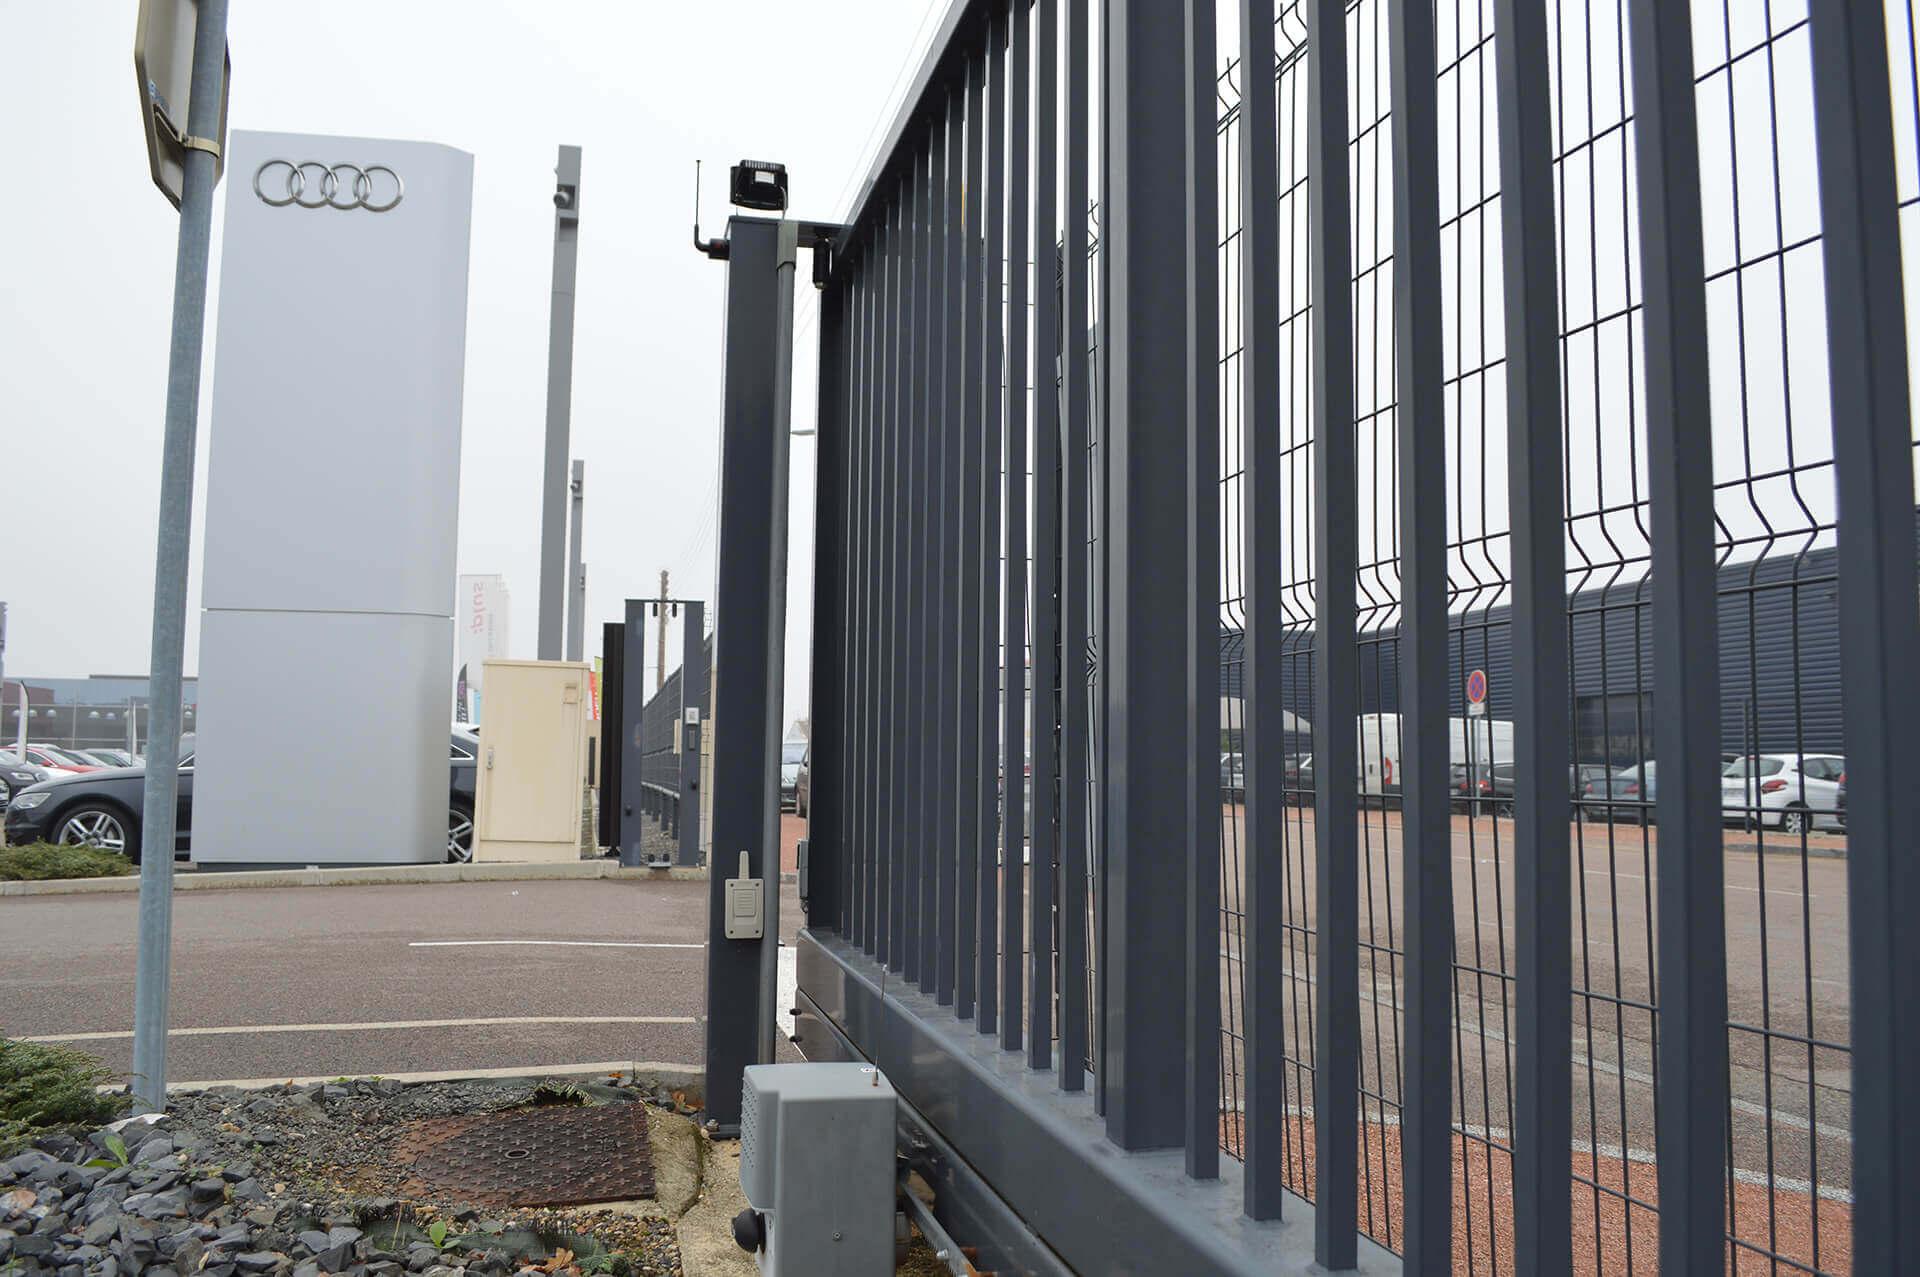 Maintenance fermeture automatique dijon concession automobile - EM Ascenseurs spécialiste